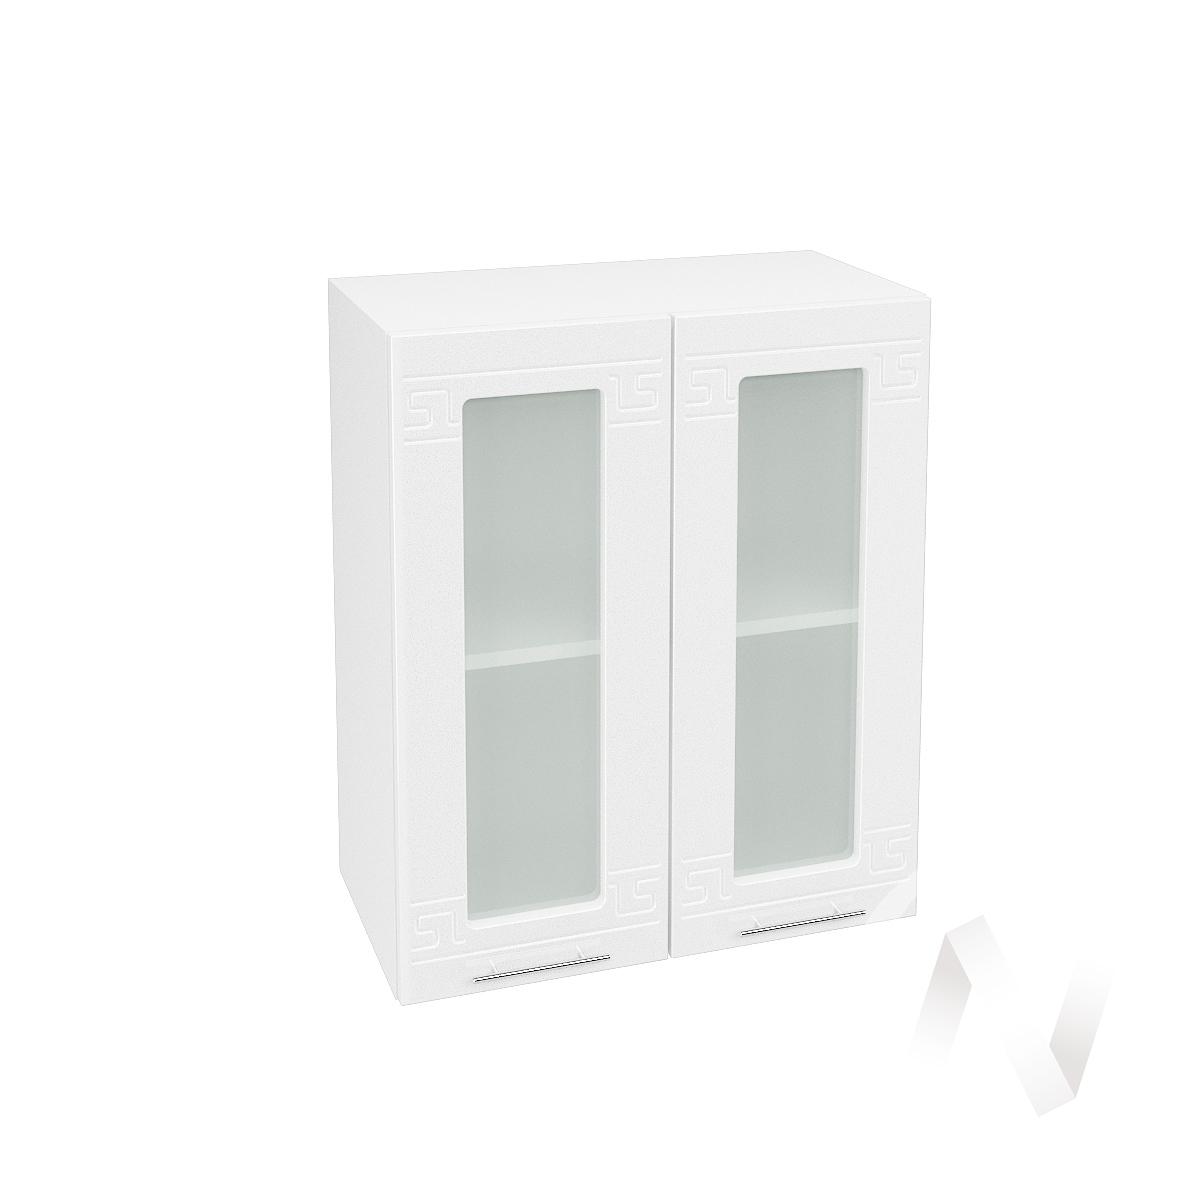 """Кухня """"Греция"""": Шкаф верхний со стеклом 600, ШВС 600 (белый металлик/корпус белый)"""